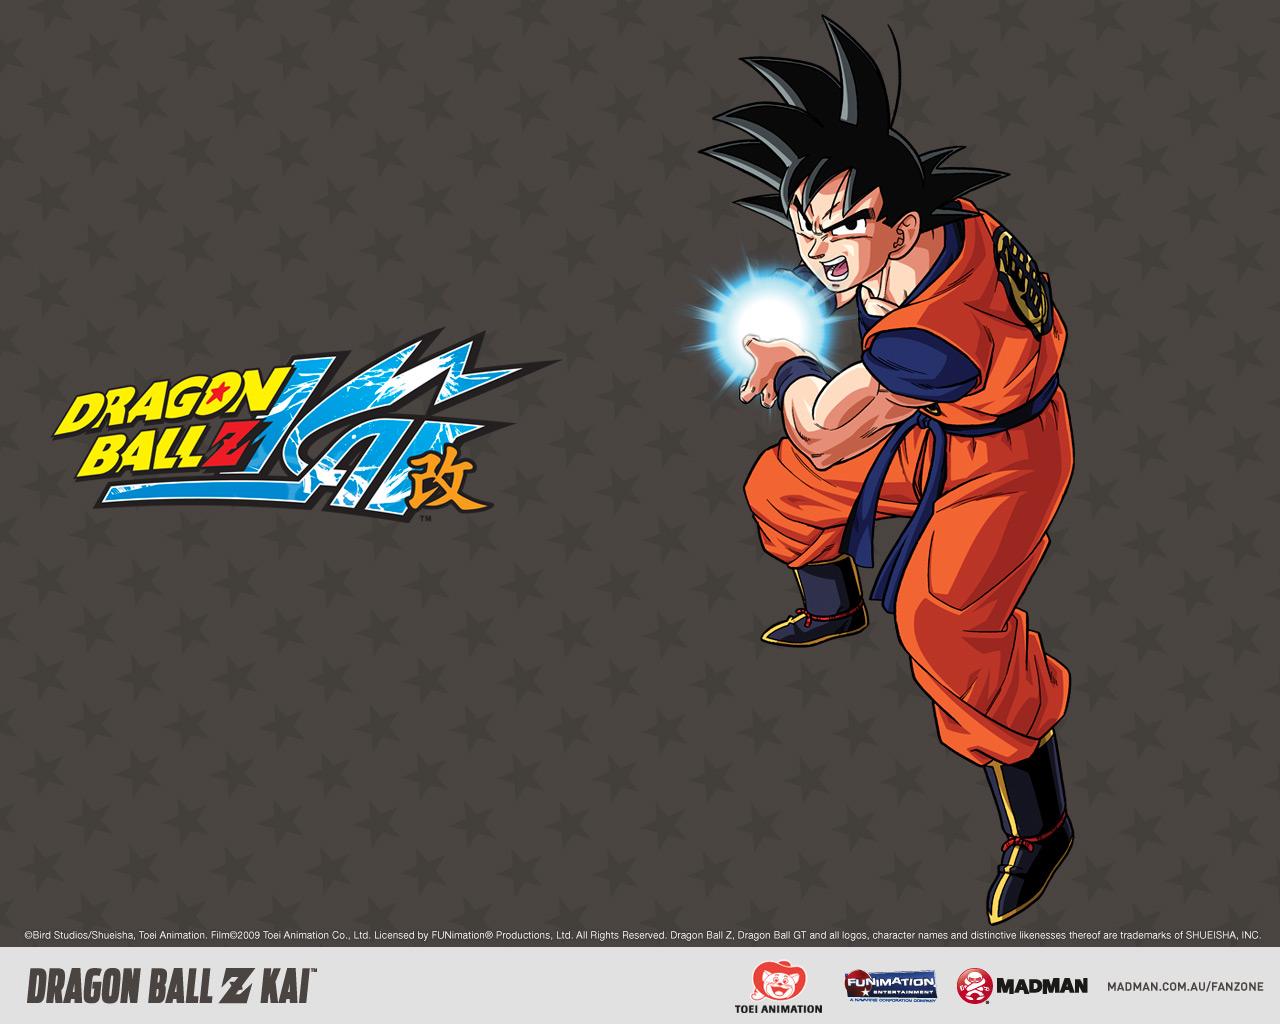 Dragon De Dragon Ball Z Kai - HD Wallpaper